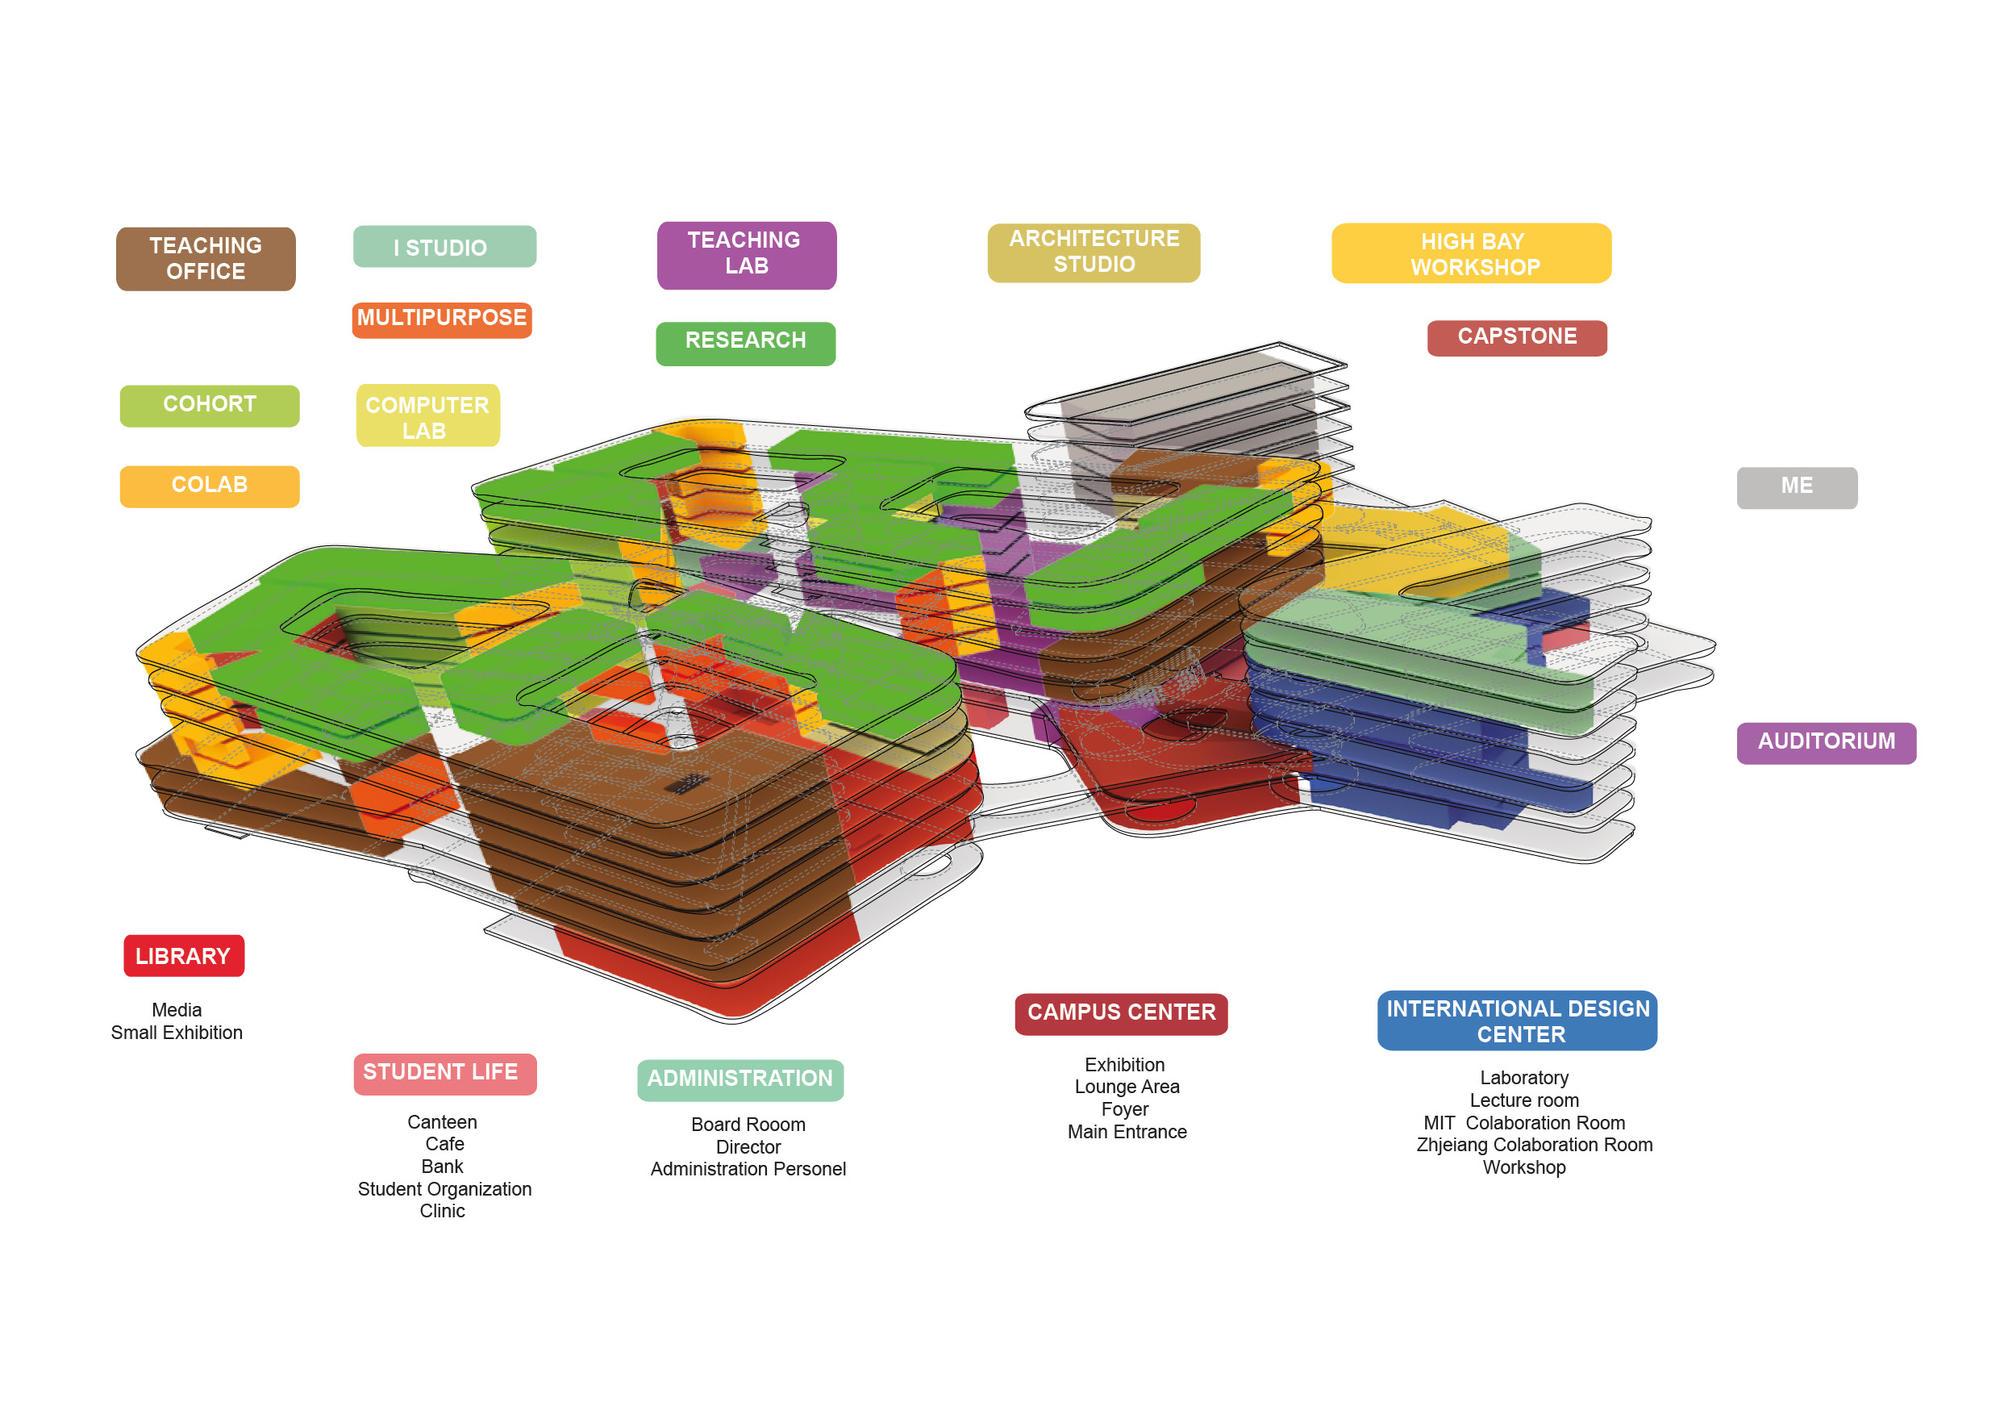 La suddivisione degli spazi della Singapore University of Technology and Design